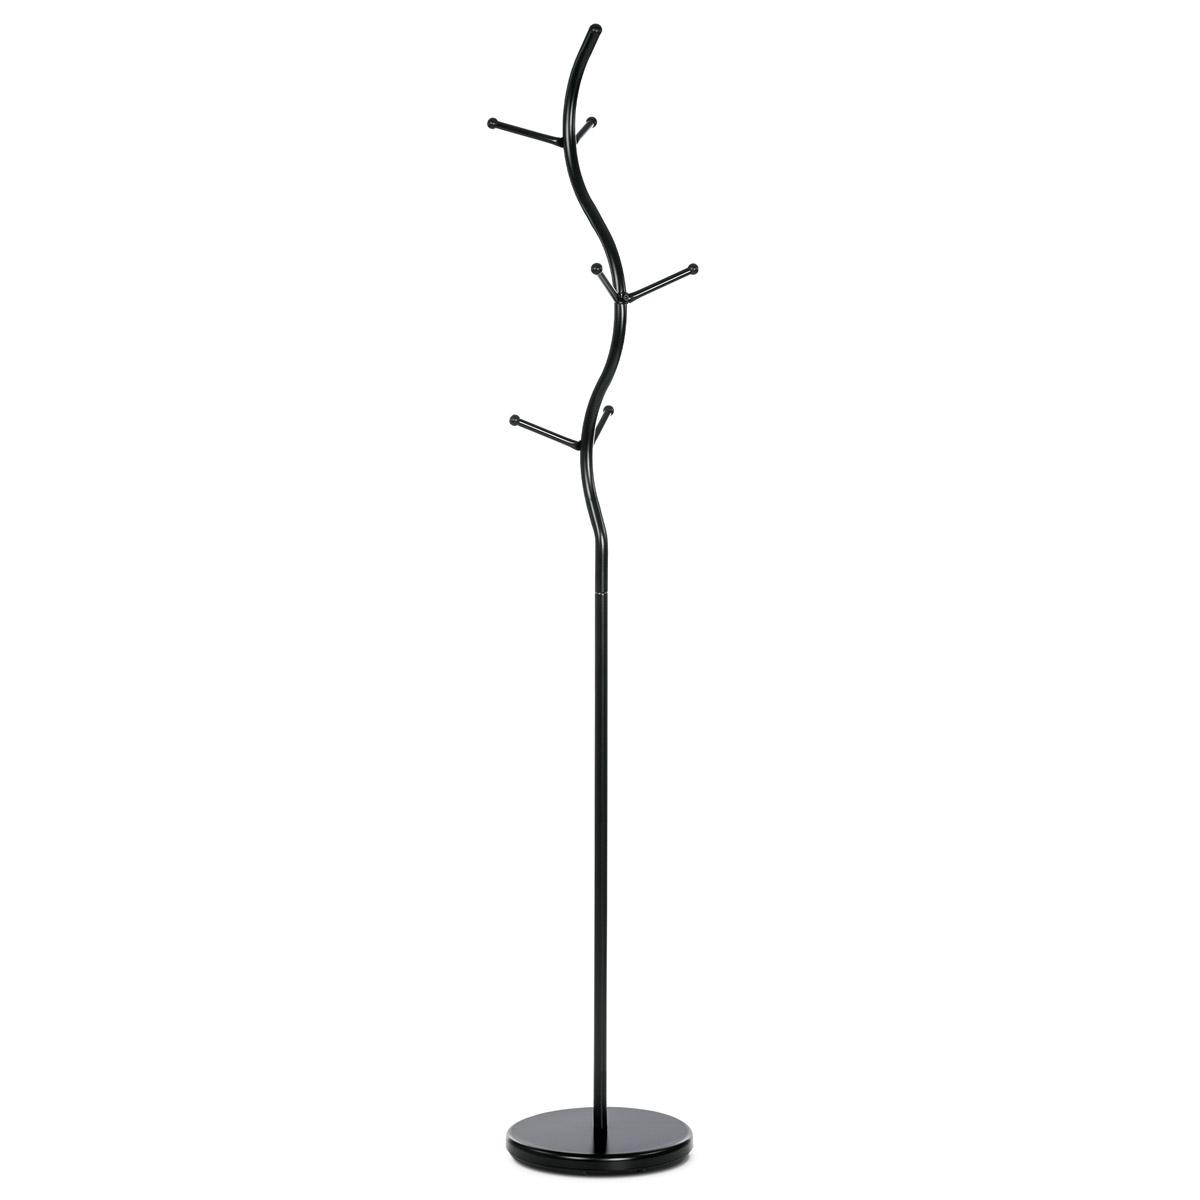 Stojanový vešiak, výška 181 cm, kovová konštrukcia, čierny matný lak, nosnosť 10 kg